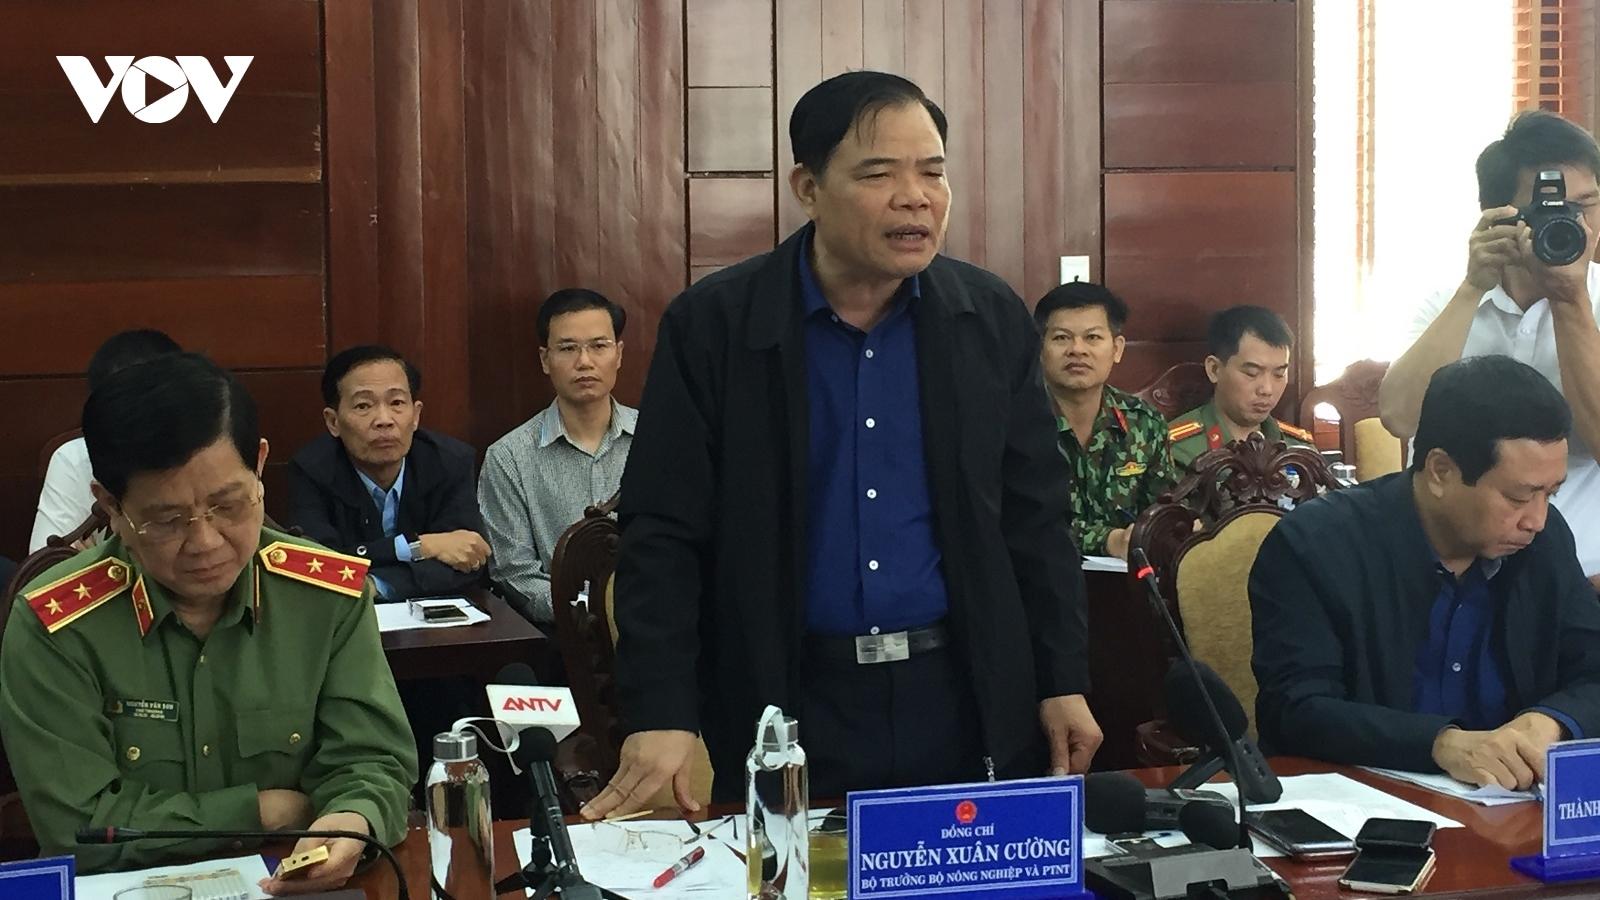 Thành phố Quảng Ngãi sẽ có điện trở lại trong hôm nay